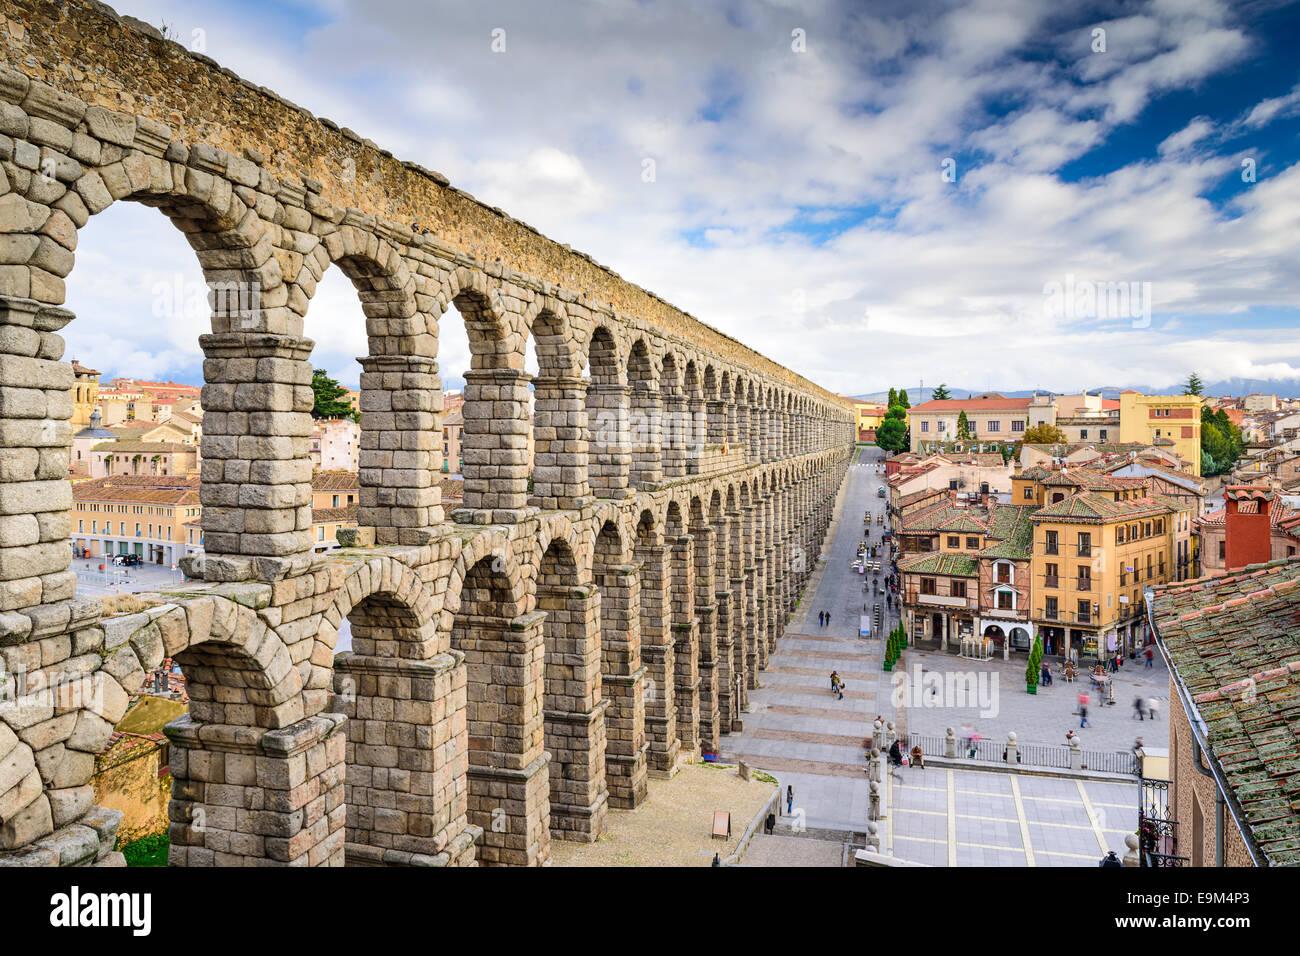 Segovia, España en el antiguo acueducto romano. Imagen De Stock